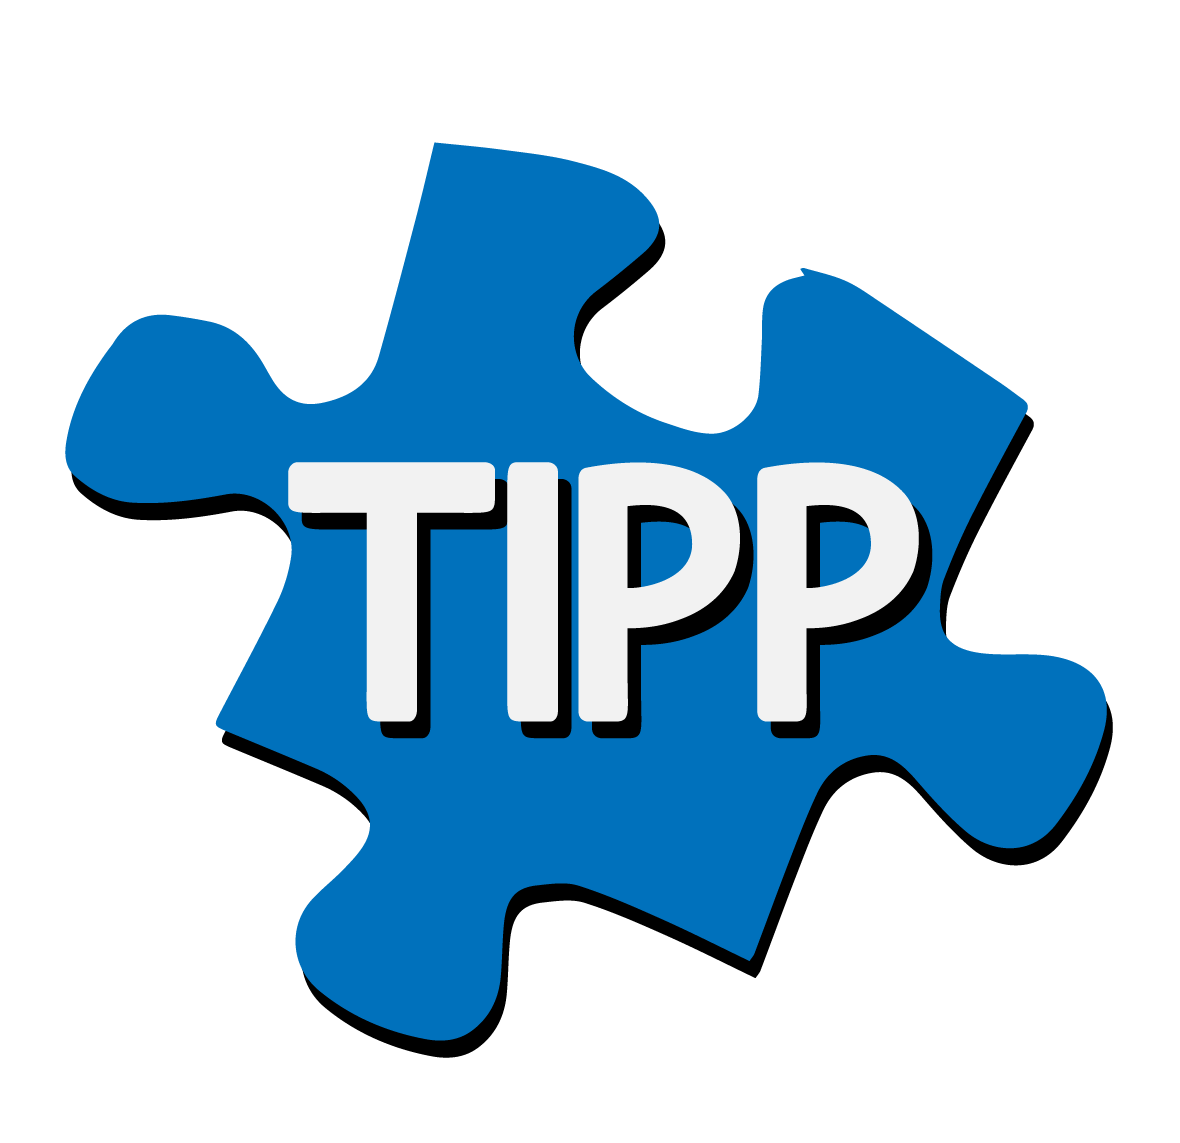 T.I.P.P.